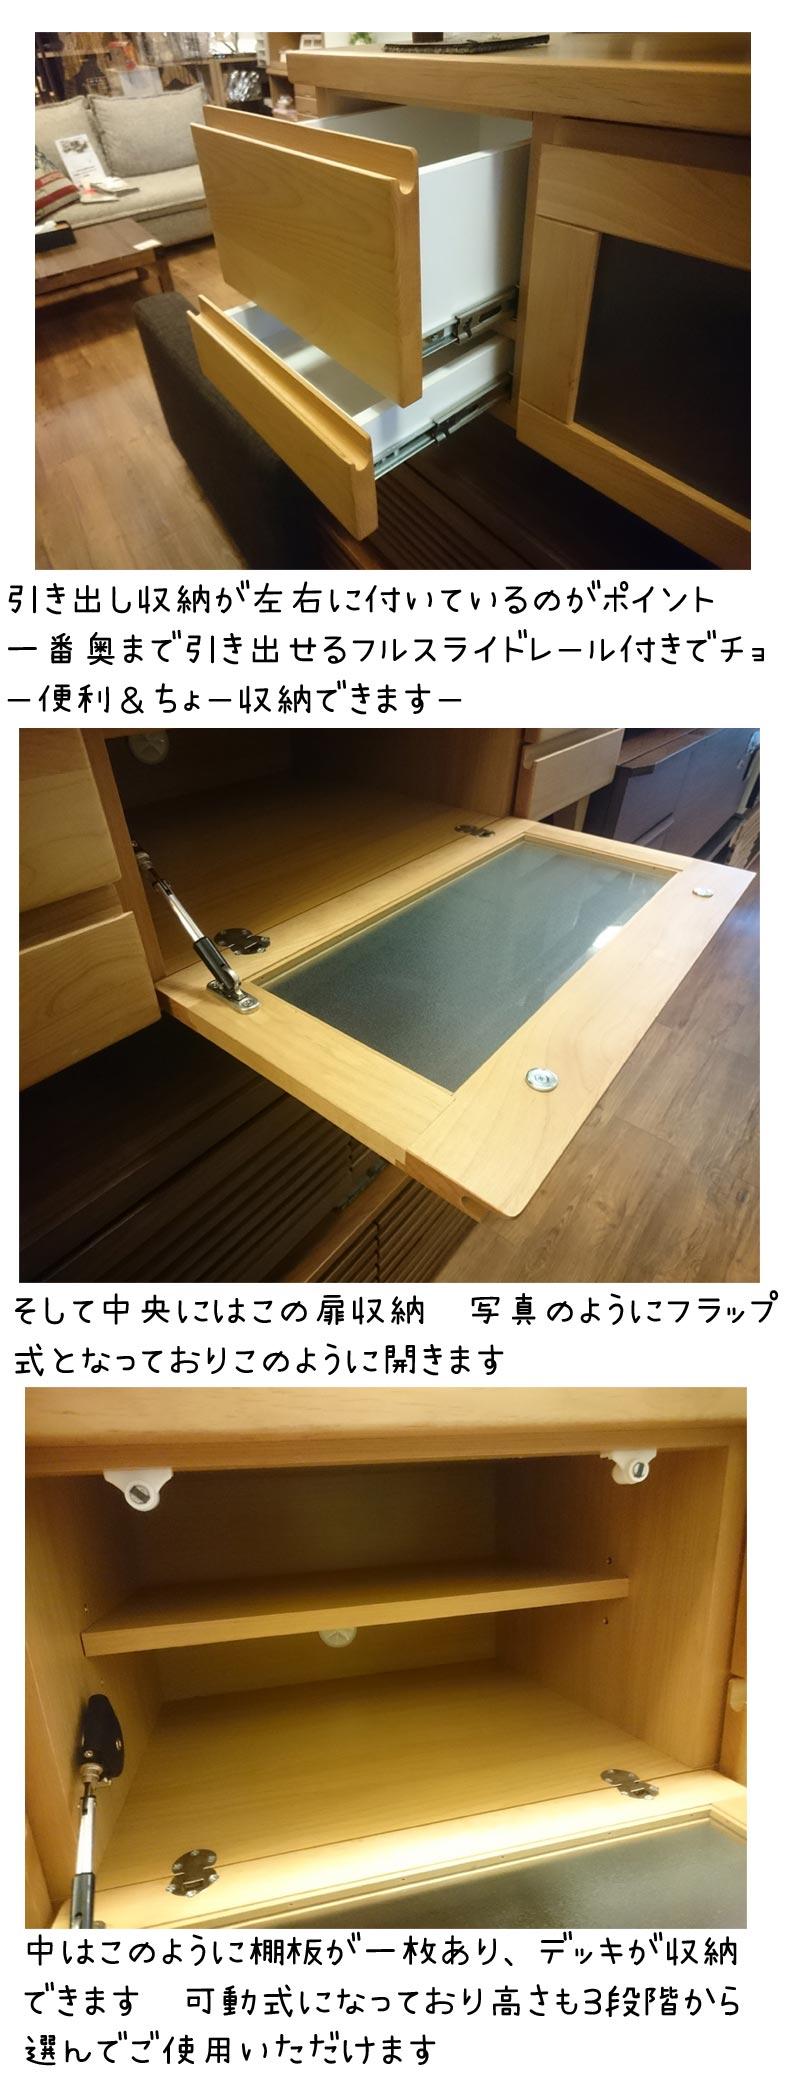 優しいテレビボード商品紹介ページ2